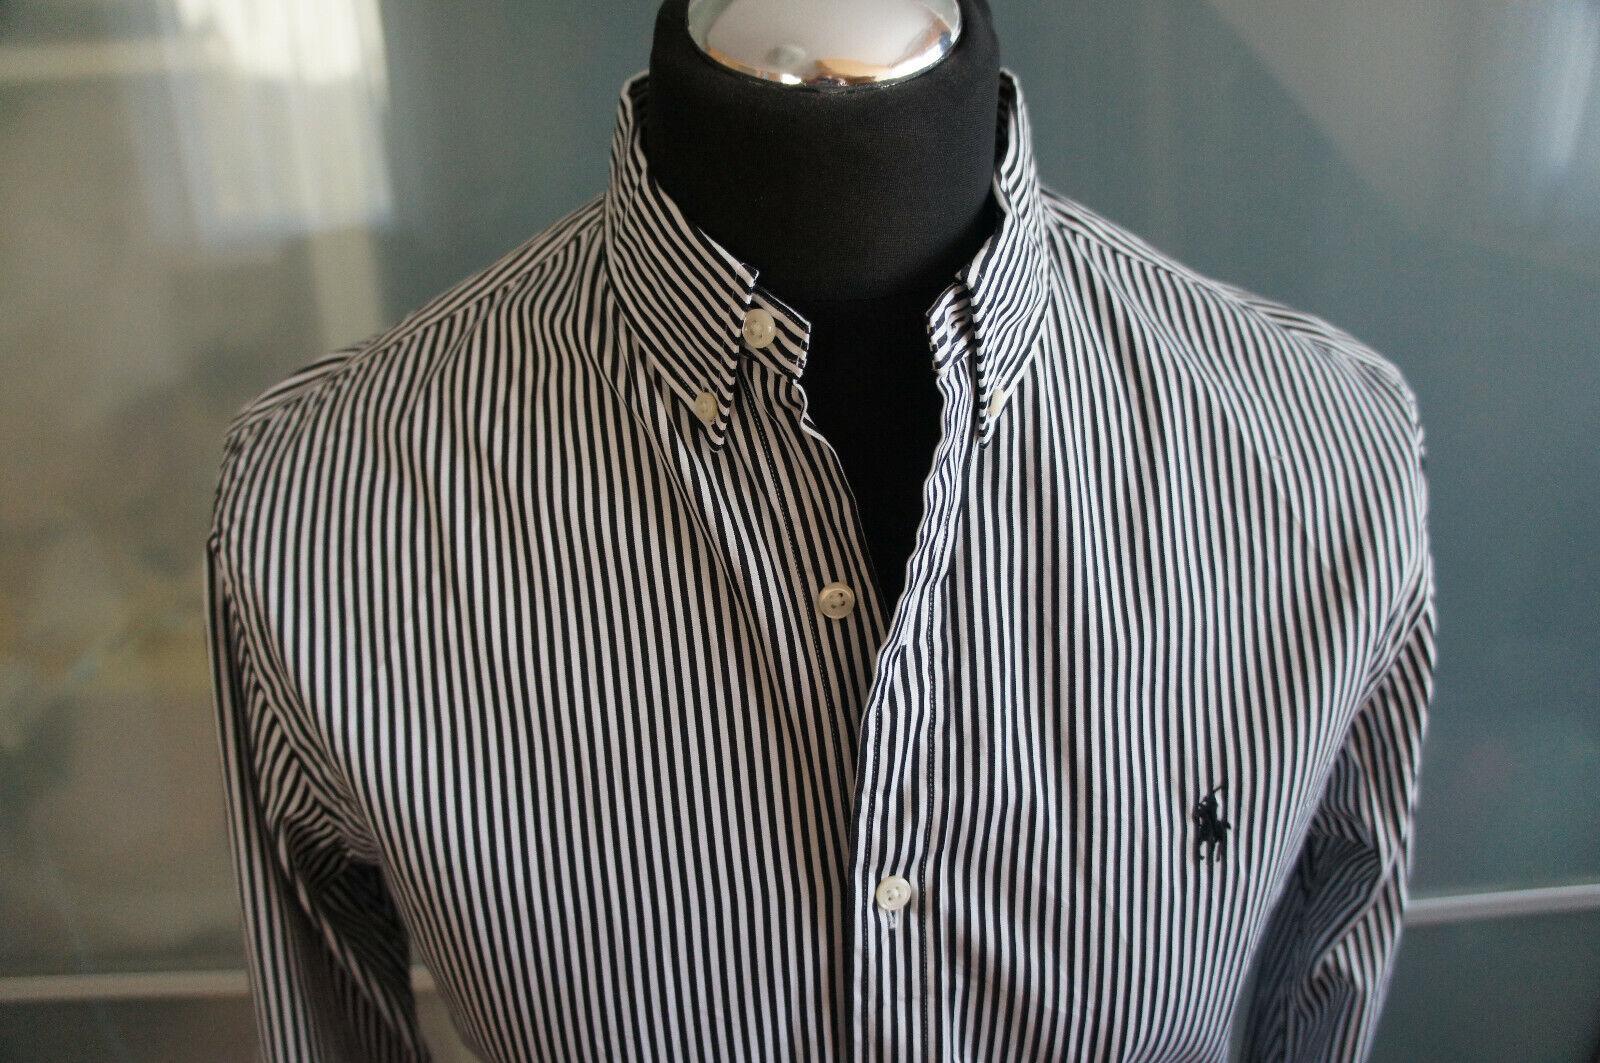 Ralph Lauren Hemd Herren Oberteil Shirt Kragenw. 39 Baumwolle neu | Angenehmes Gefühl